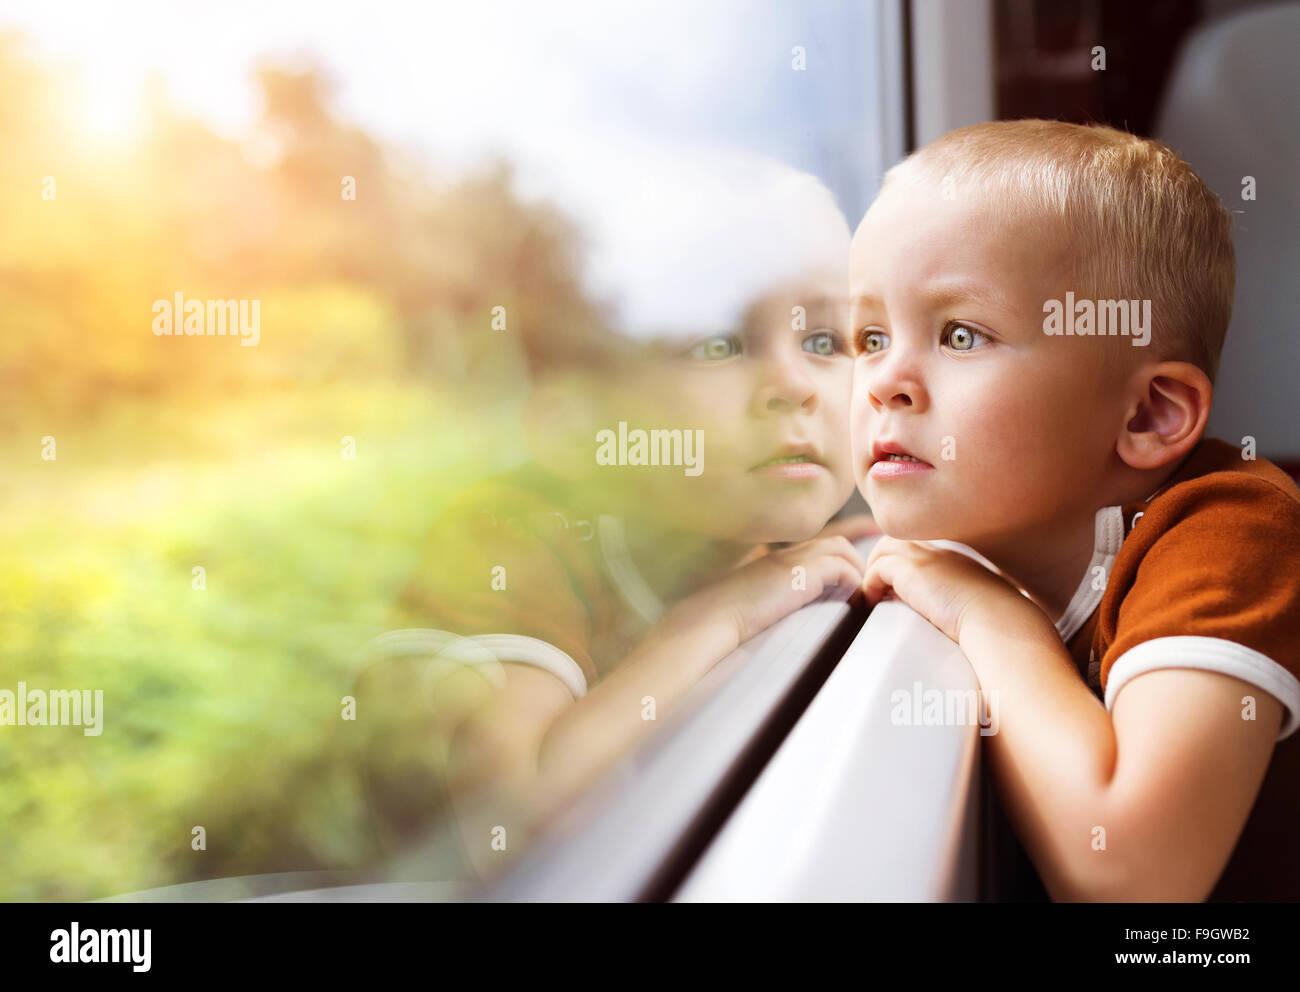 Petit garçon voyageant en train à l'extérieur de la fenêtre. Photo Stock